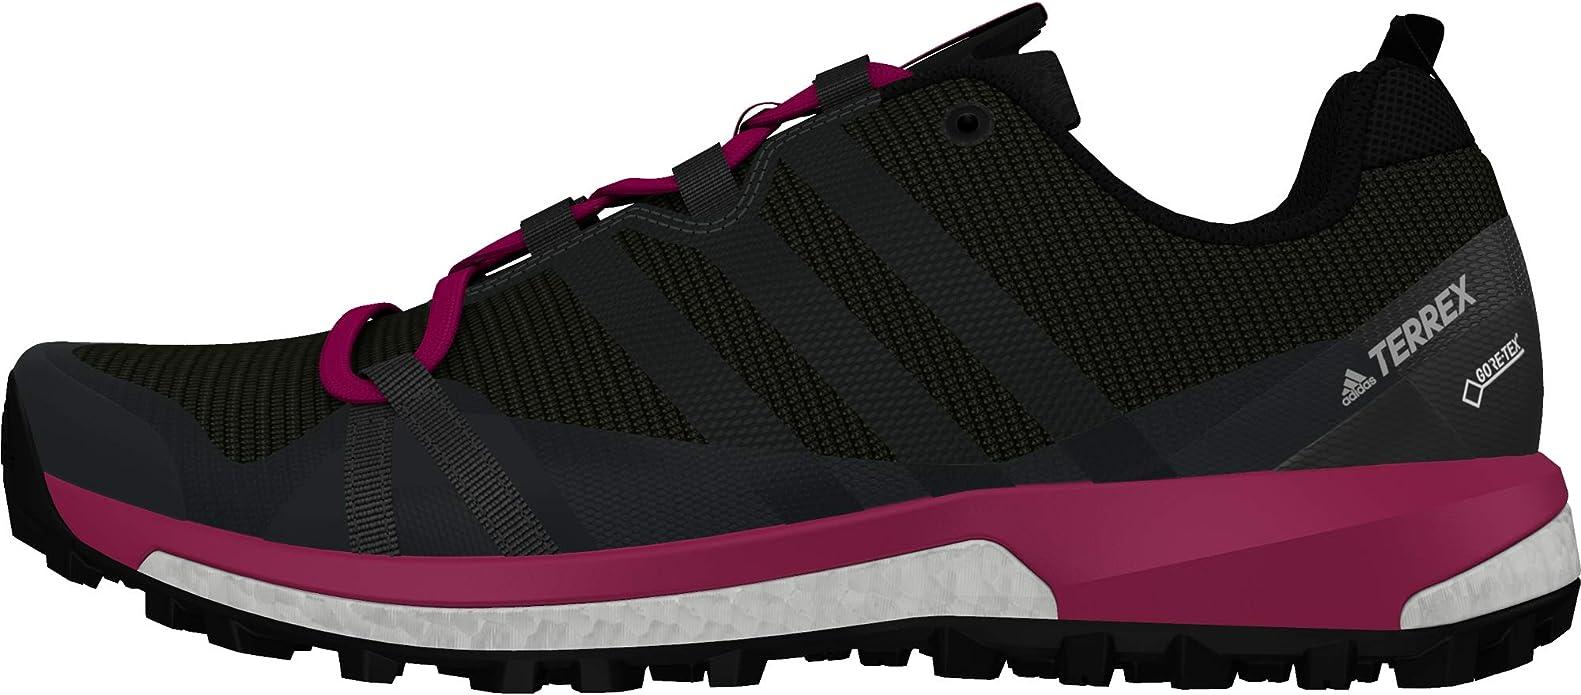 adidas Terrex Agravic GTX W, Zapatillas de Trail Running para Mujer, Gris (Gricua/Gricua/Magrea 000), 36 2/3 EU: Amazon.es: Zapatos y complementos